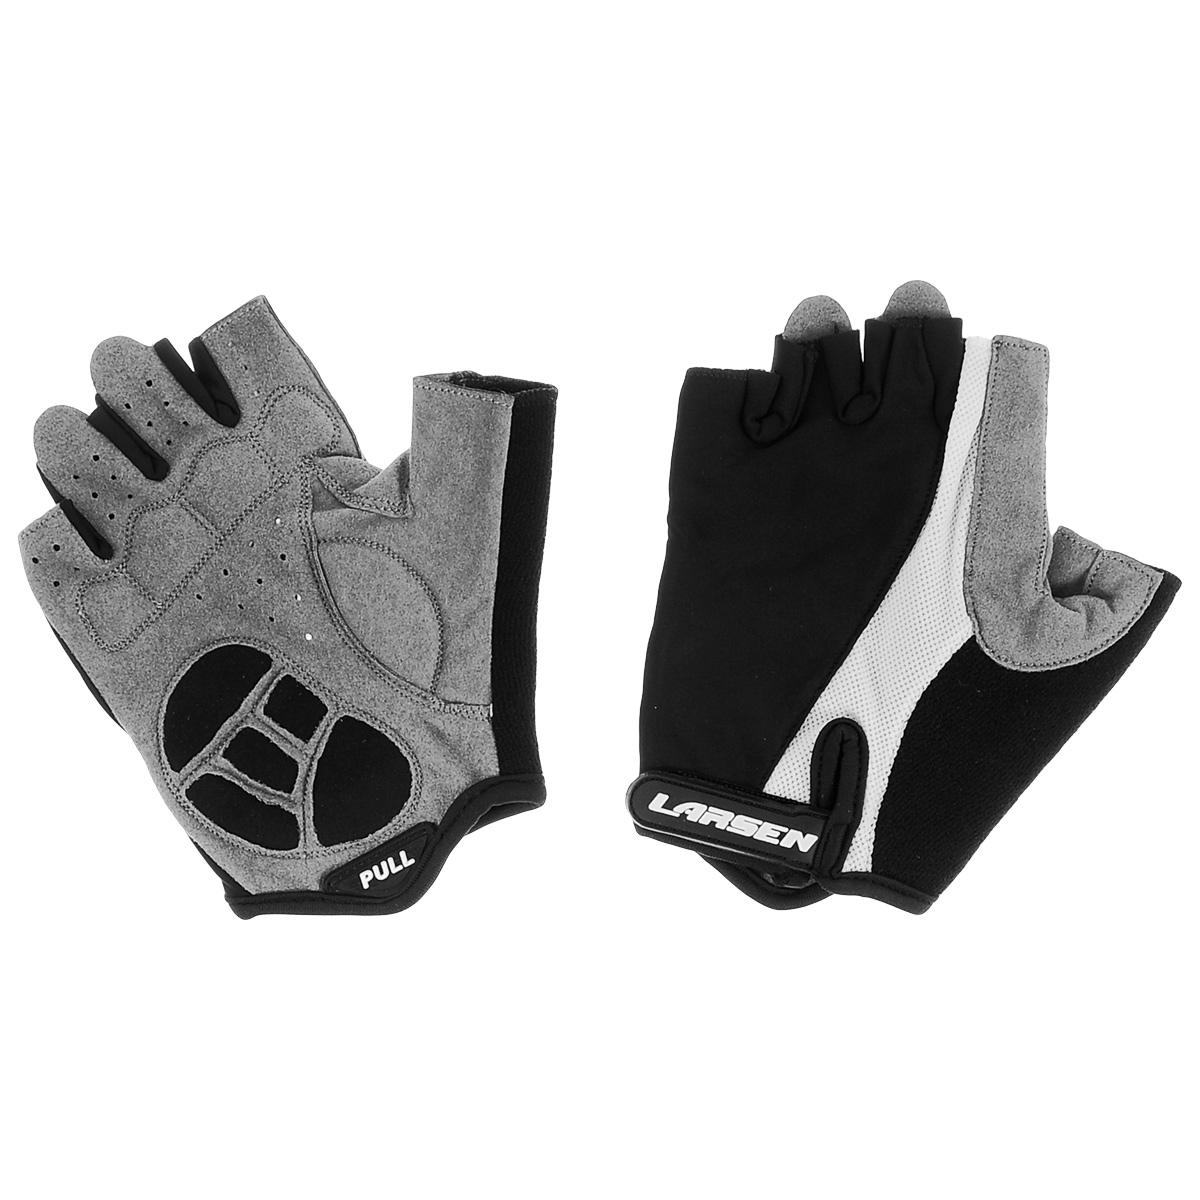 Велоперчатки Larsen, цвет: черный, серый, белый. Размер L. 01-122601-1226Велоперчатки Larsen выполнены из высококачественного нейлона и амары. На ладонях расположены мягкие вставки для повышенного сцепления и системой Pull Off на пальцах. Застежка Velcro надежно фиксирует перчатки на руке. Сетка способствует хорошей вентиляции.